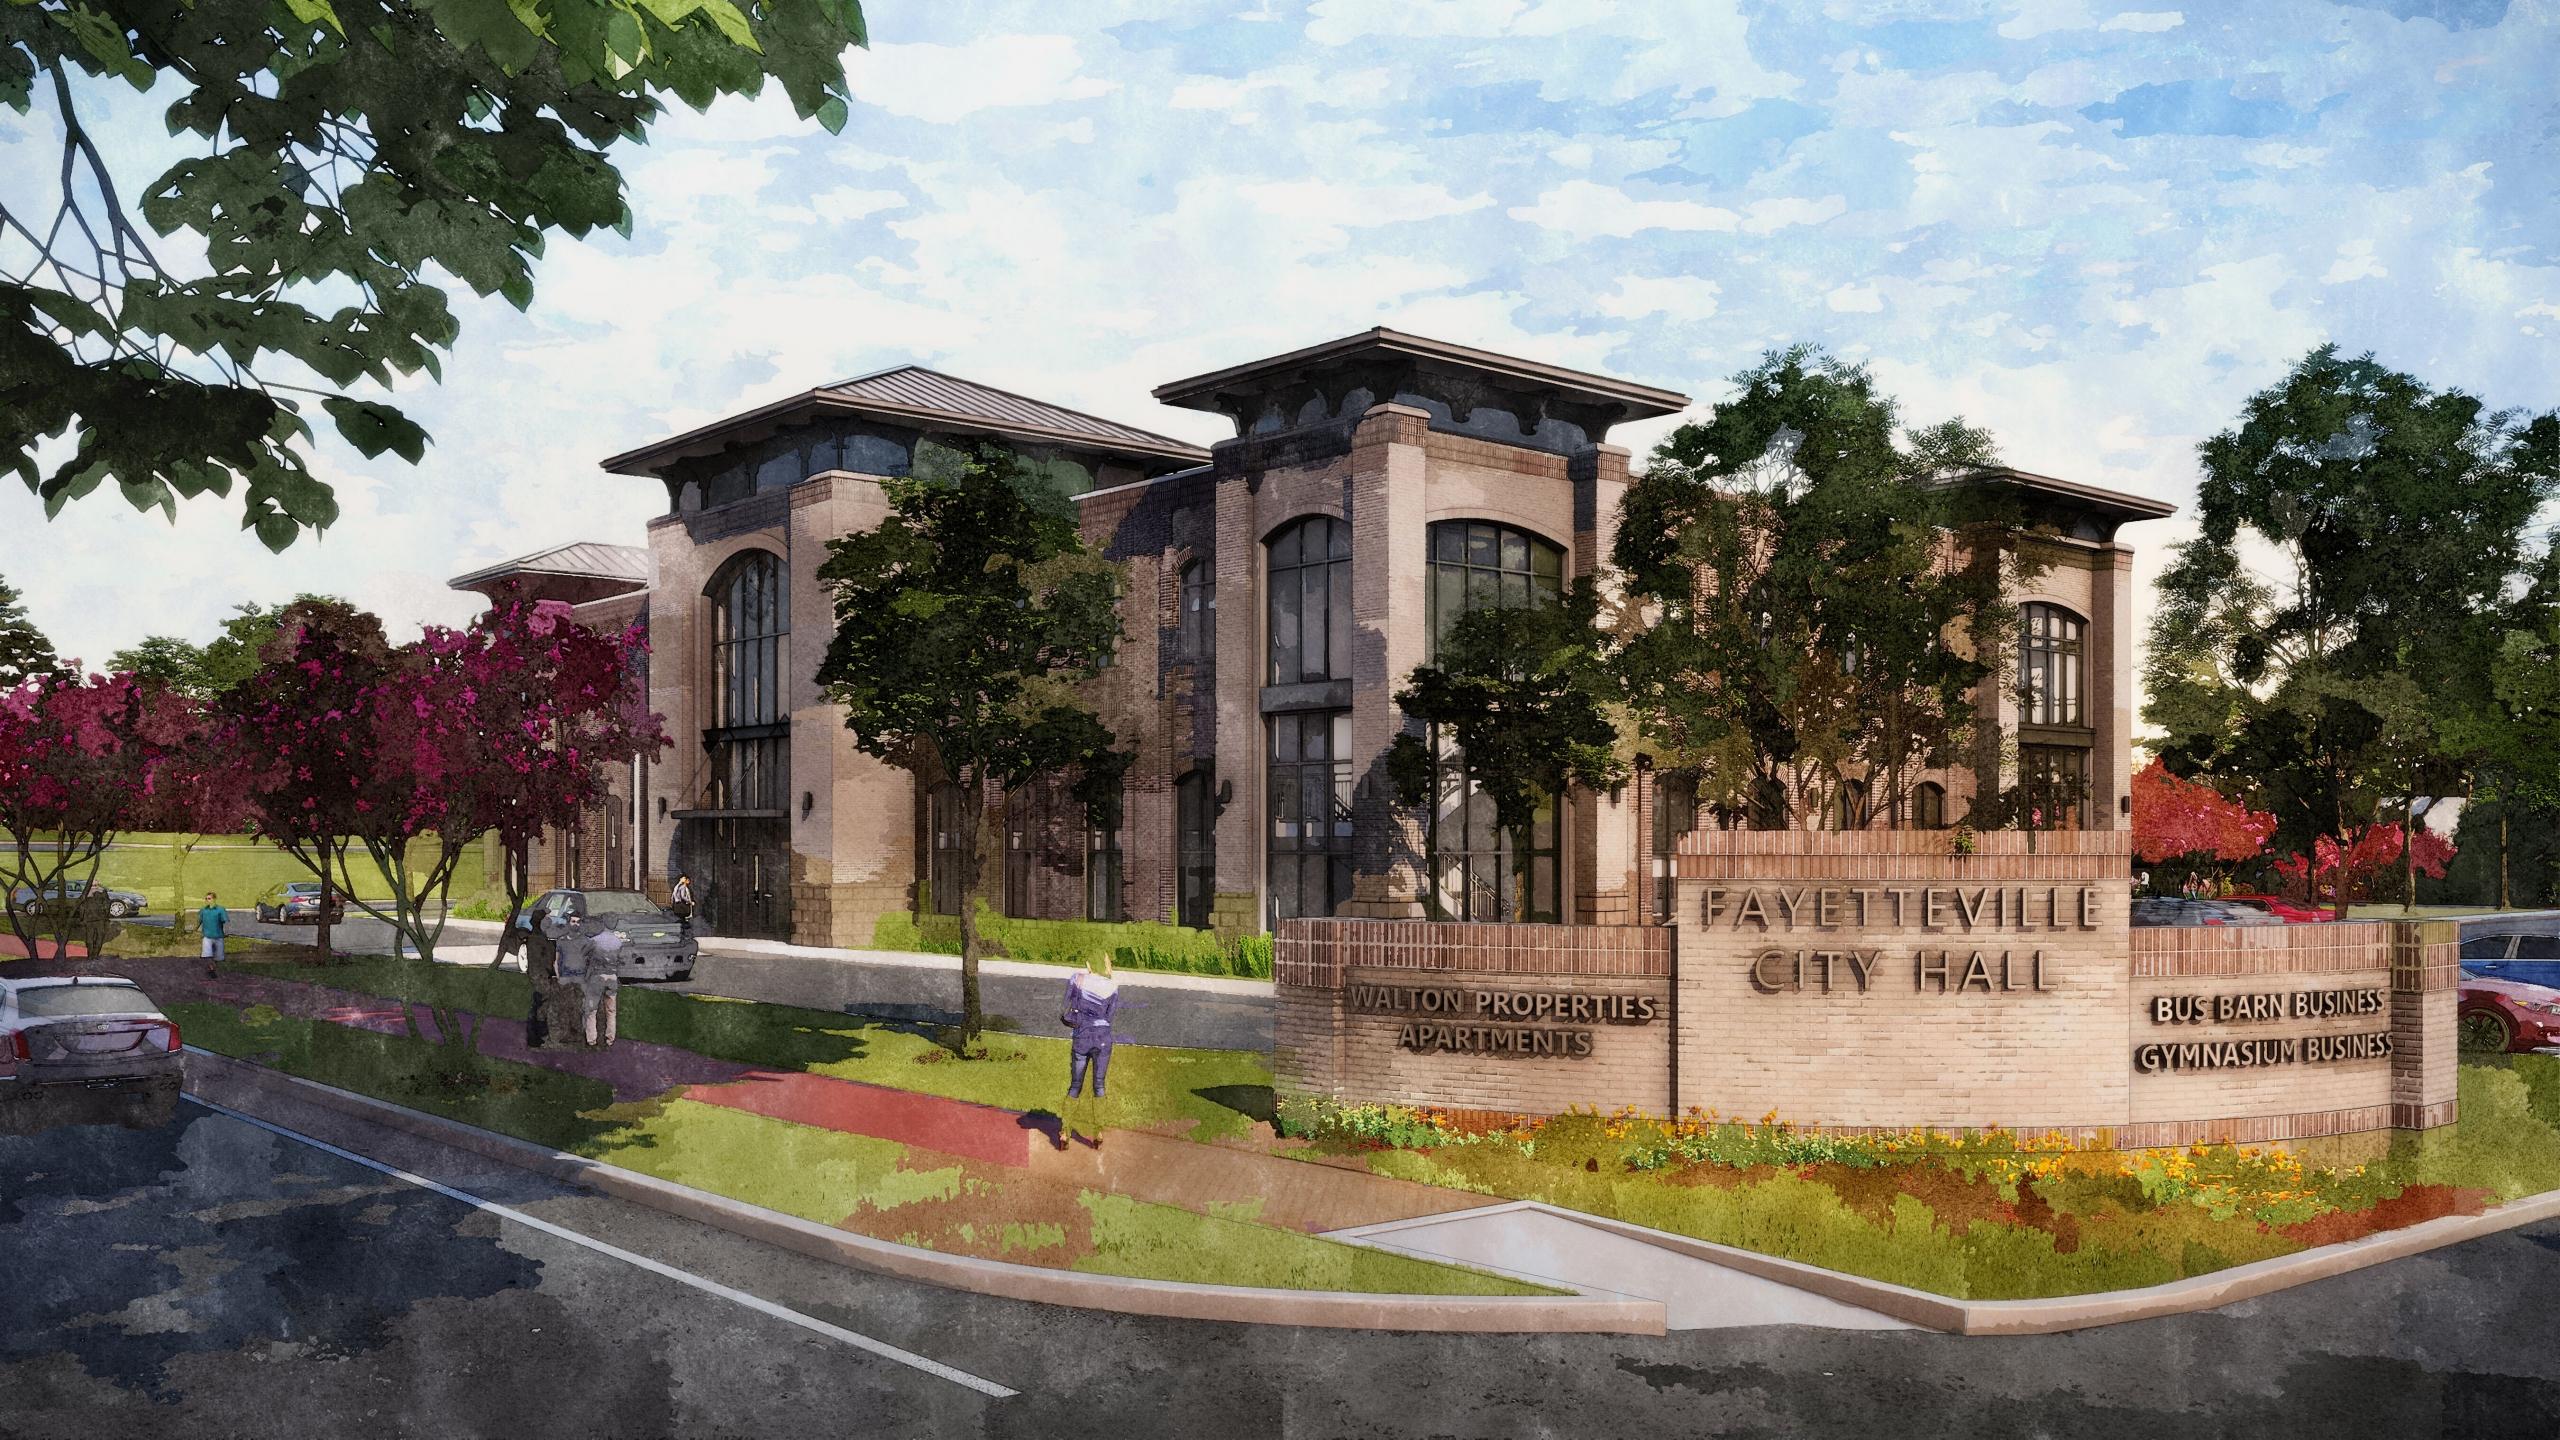 Fayetteville City Hall & Park